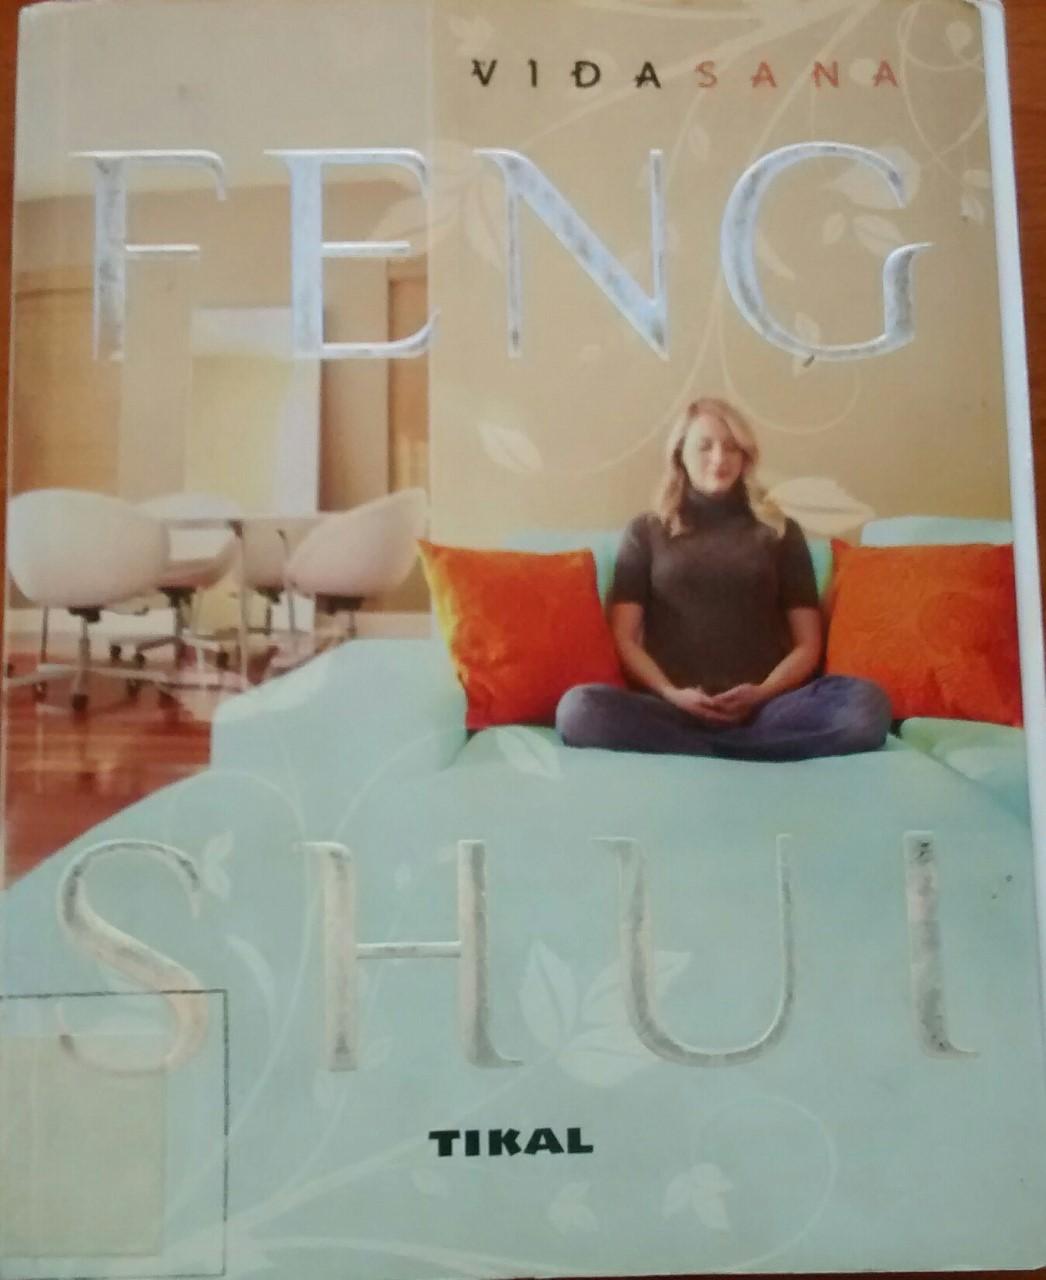 La duermevela del visionario feng shui vida sana de - El mejor libro de feng shui ...